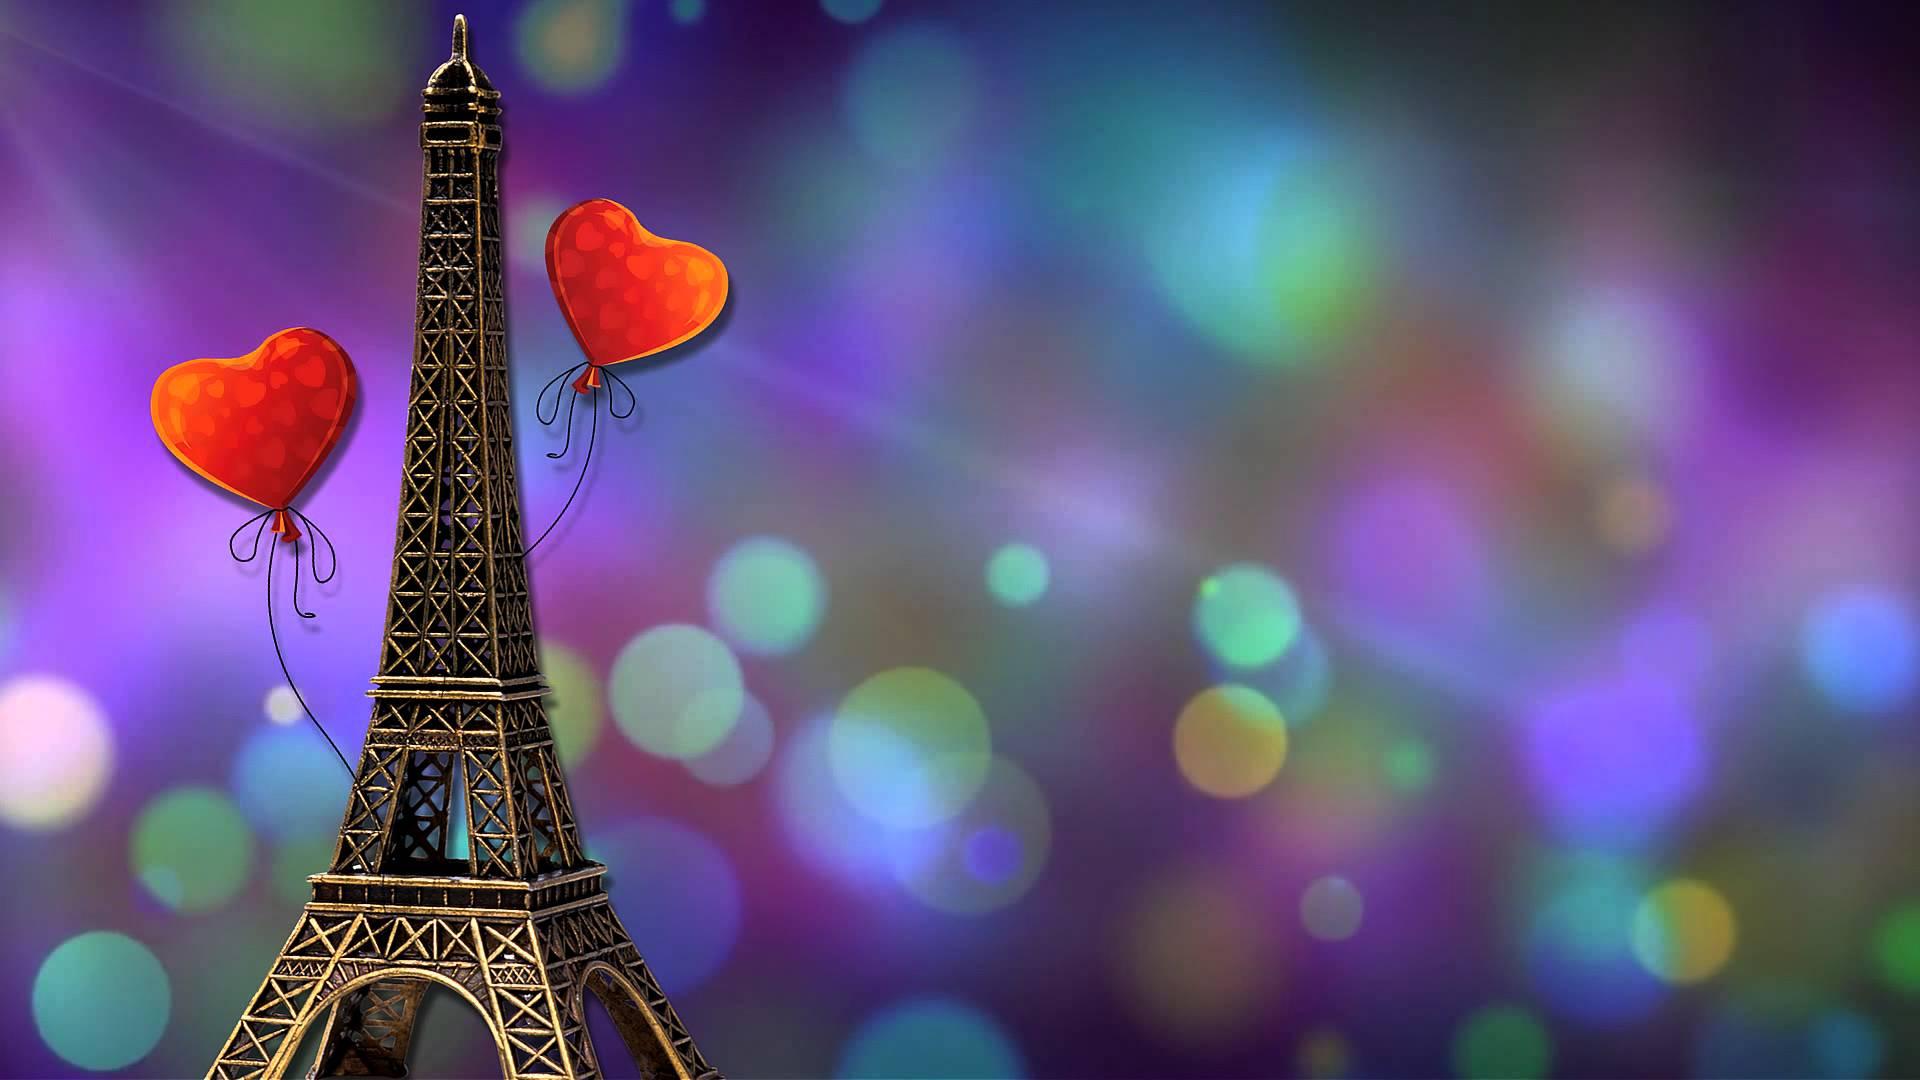 День рождения в париже поздравление